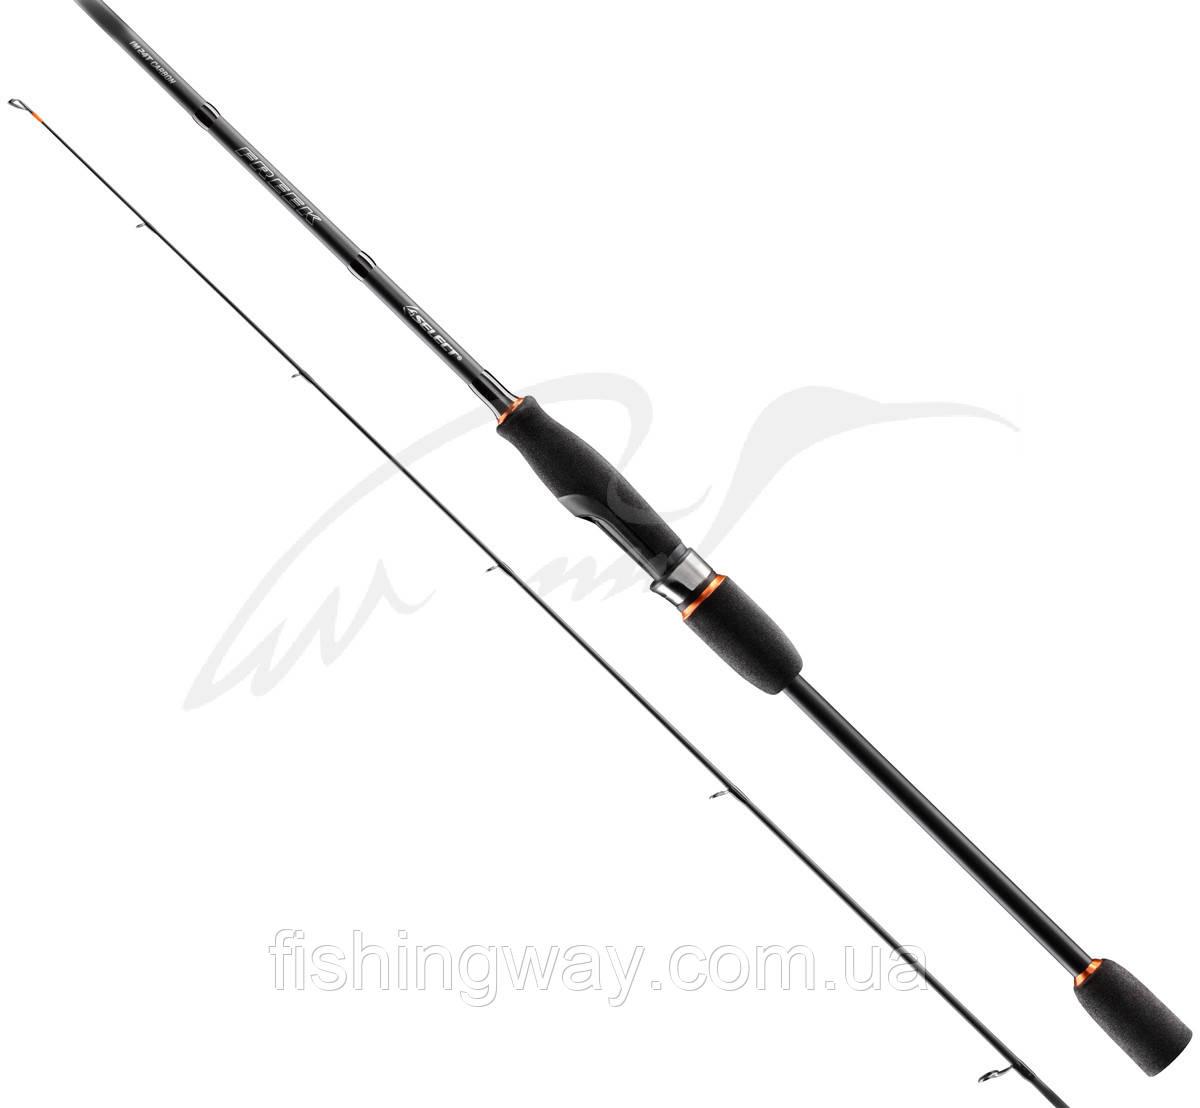 Спиннинг Select Freek FRK-702M 2.13m 5-25g Fast